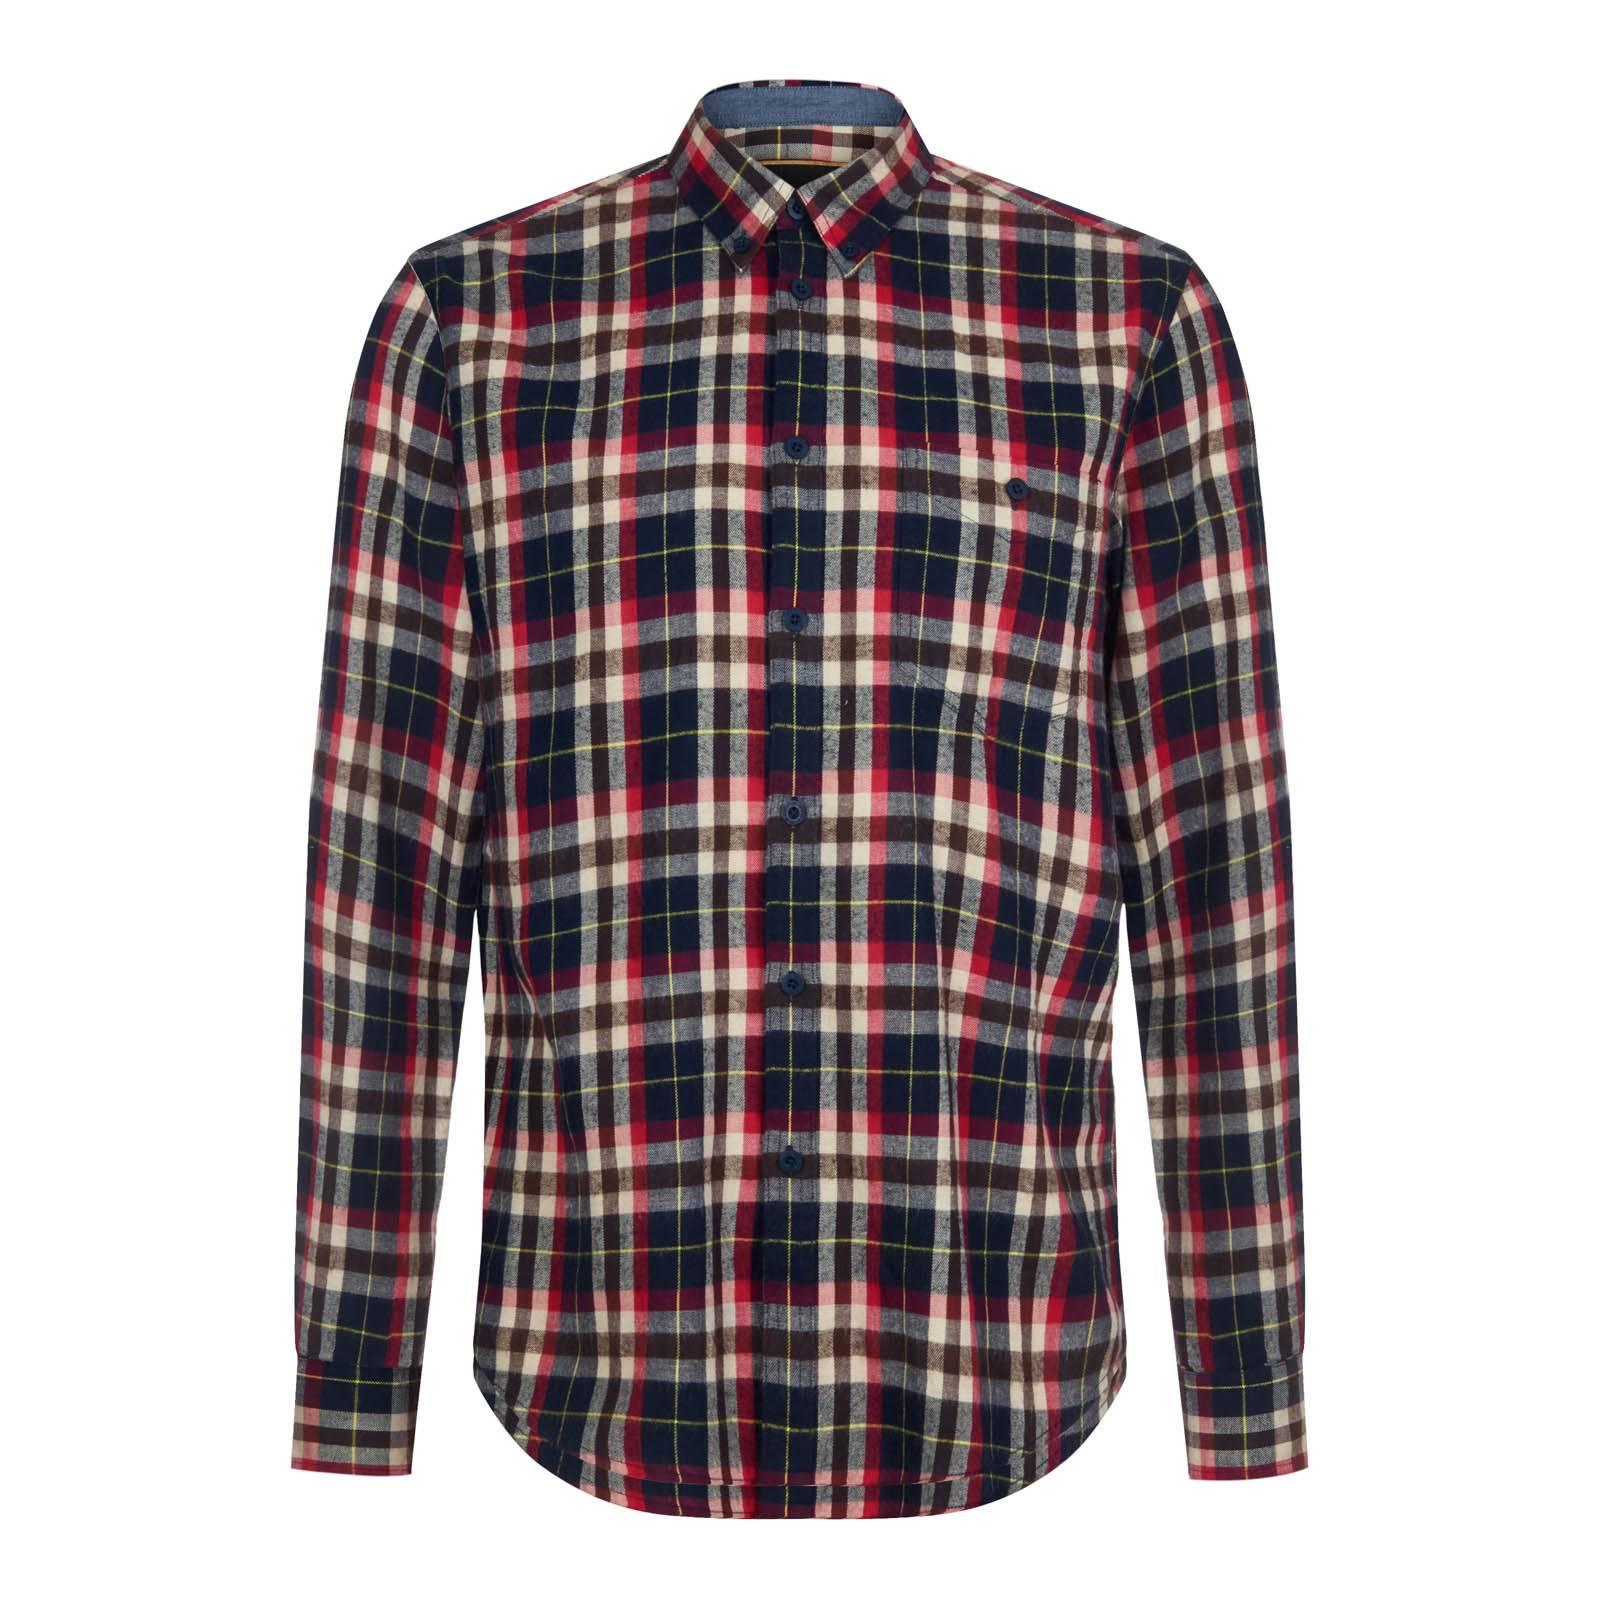 Рубашка TurnerРубашки<br>Приталенного покроя мужская рубашка из высококачественного хлопчатобумажного твила – ворсистой, мягкой на ощупь, прочной и долговечной ткани, выработанной саржевым (диагональным) переплетением нитей.  Традиционный для британской моды button-down воротник на пуговицах и эффектный тартановый узор вызывают ассоциации с благородным, уходящим в глубину веков стилем шотландского высокогорья. Эту рубашку удобно заправлять в джинсы, для чего её конструкция предусматривает удлиненную спинку. Её можно также сочетать с твидовыми брюками и пиджаком, а также замшевой обувью типа брогов или дезертов.<br><br>Артикул: 1516214<br>Материал: 100% хлопок<br>Цвет: мультицветный тартан<br>Пол: Мужской